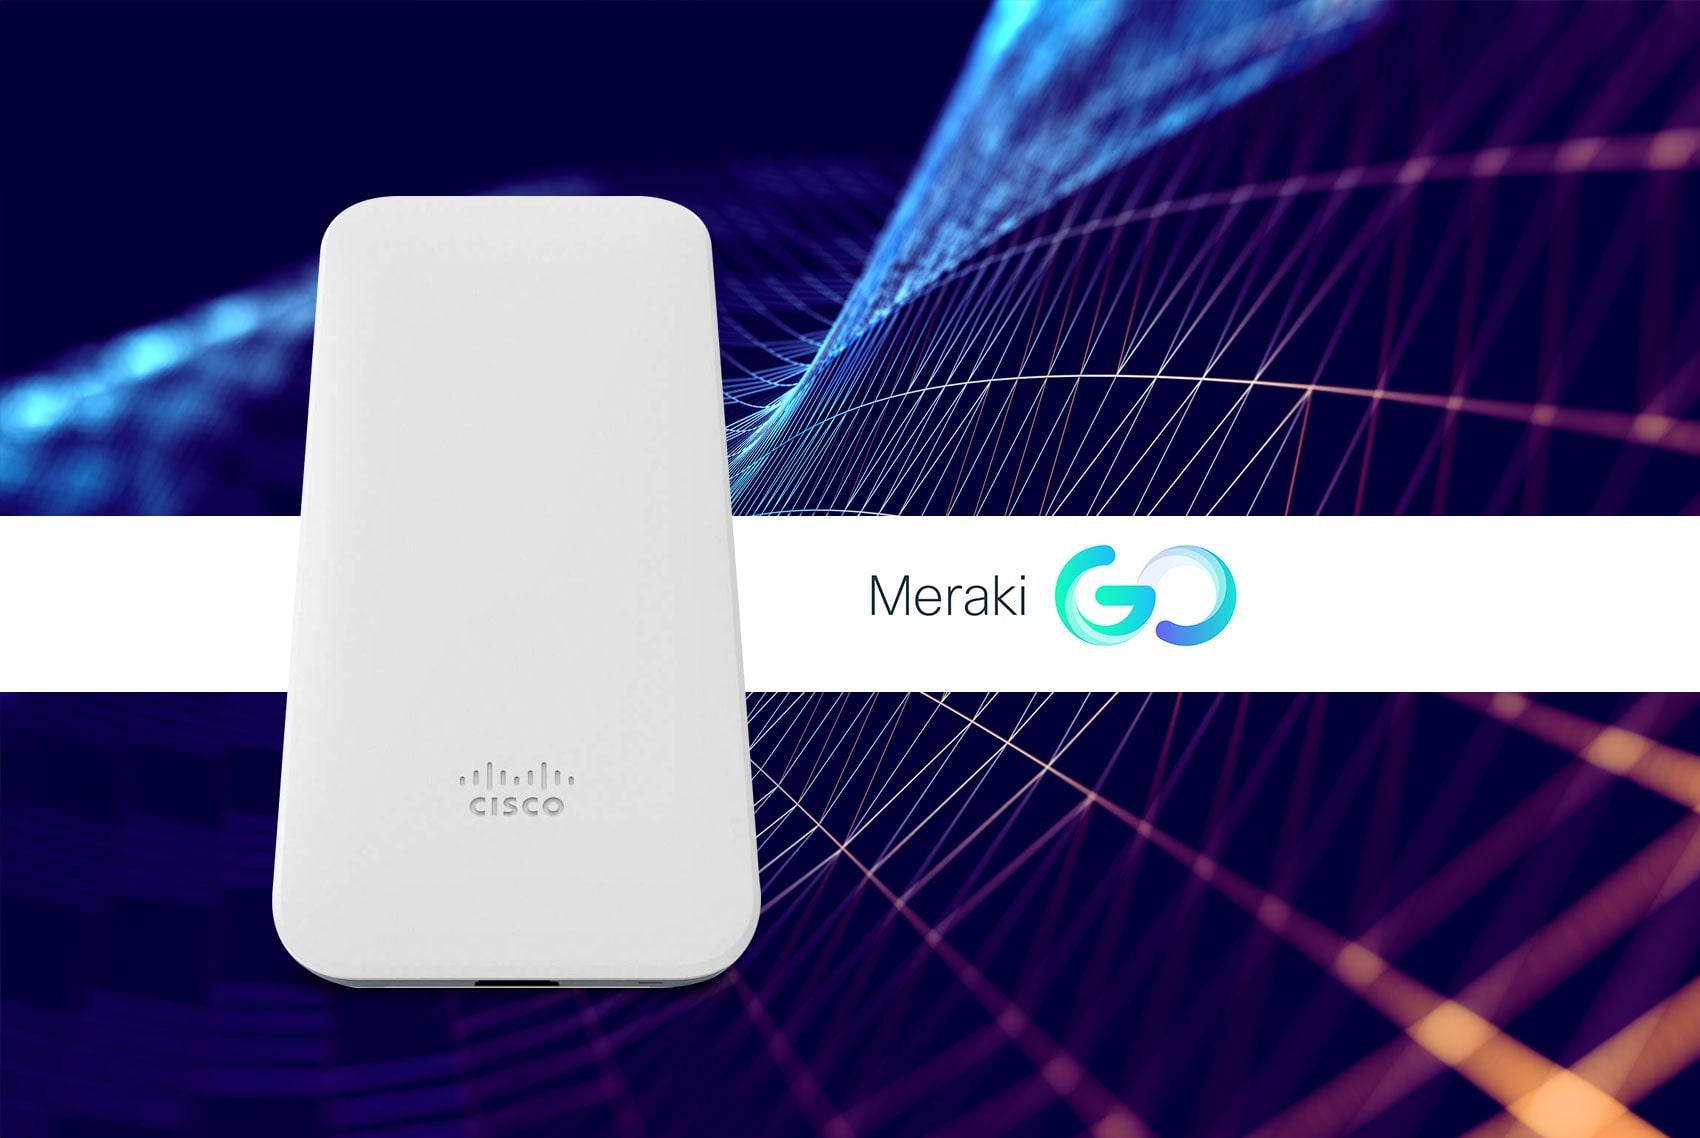 Descubre cómo Cisco Meraki Go transformará tecnológicamente tu negocio